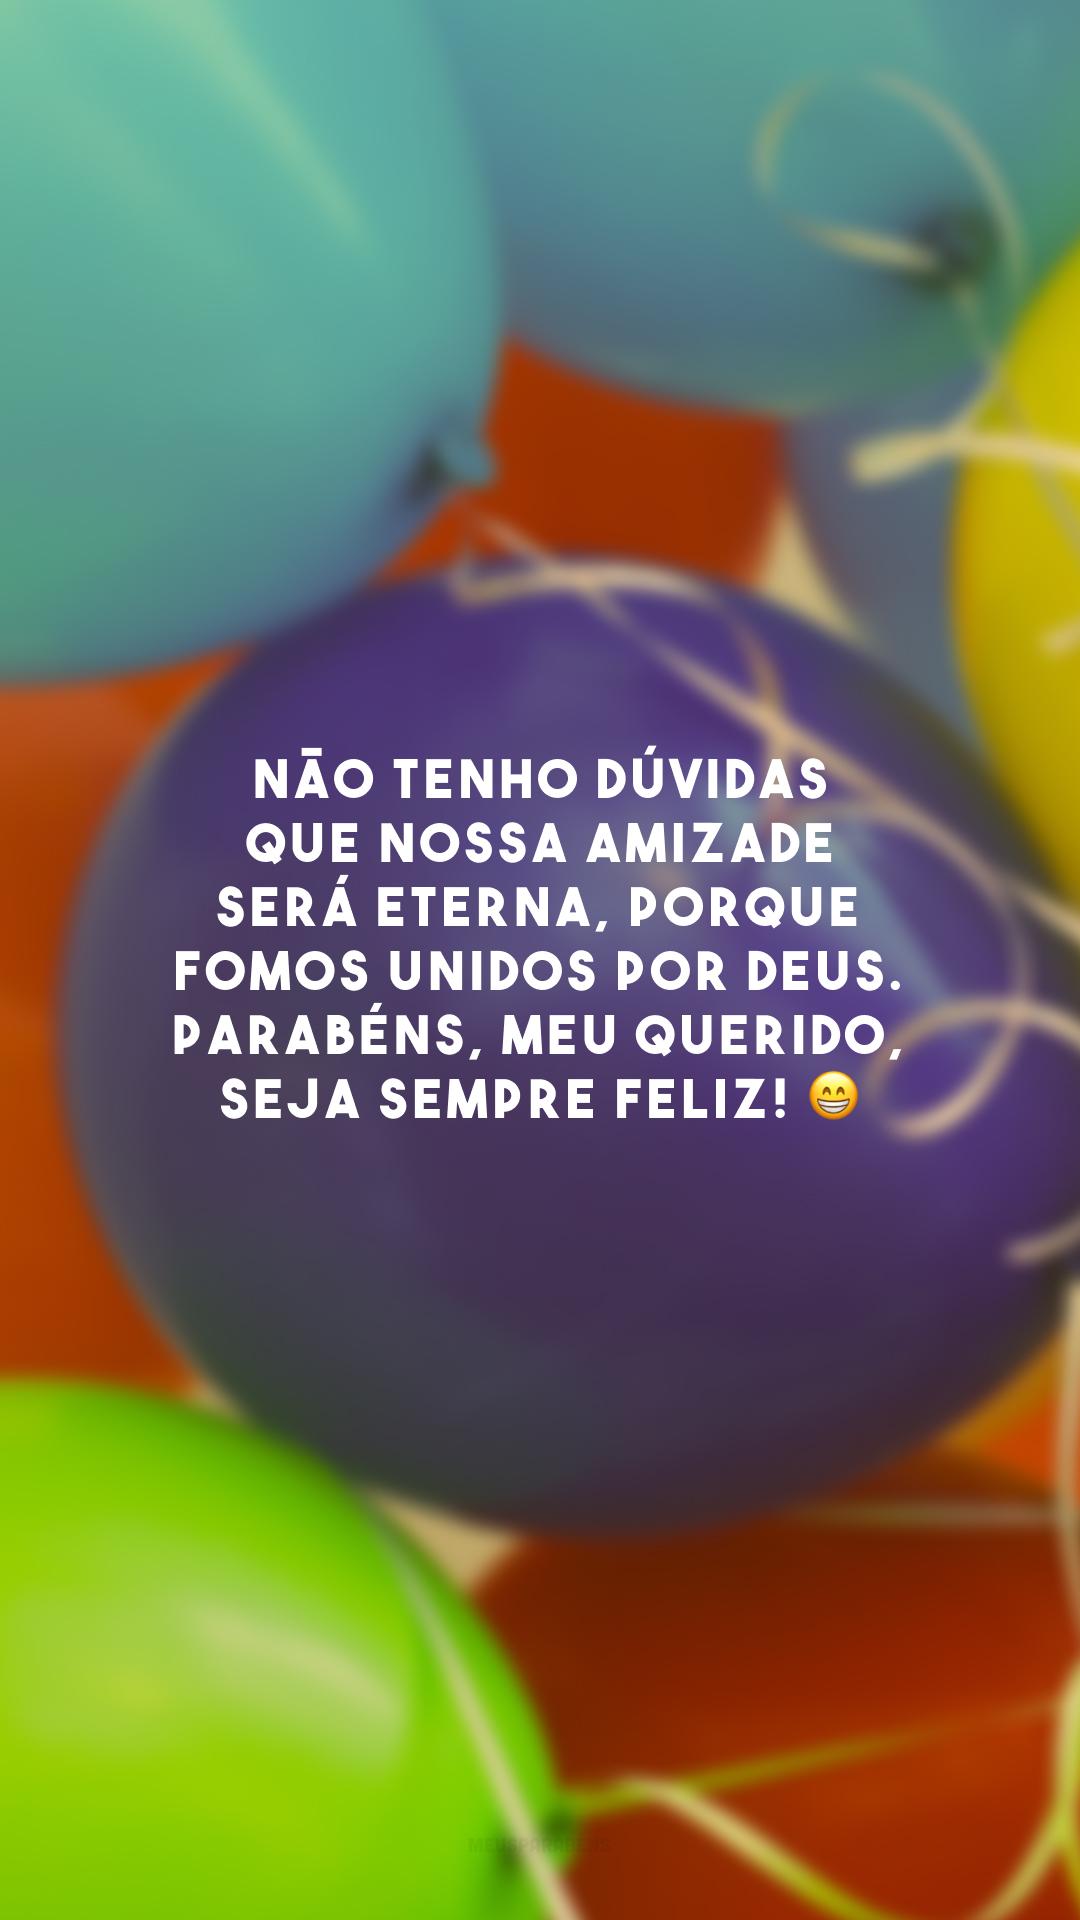 Não tenho dúvidas que nossa amizade será eterna, porque fomos unidos por Deus. Parabéns, meu querido, seja sempre feliz! 😁